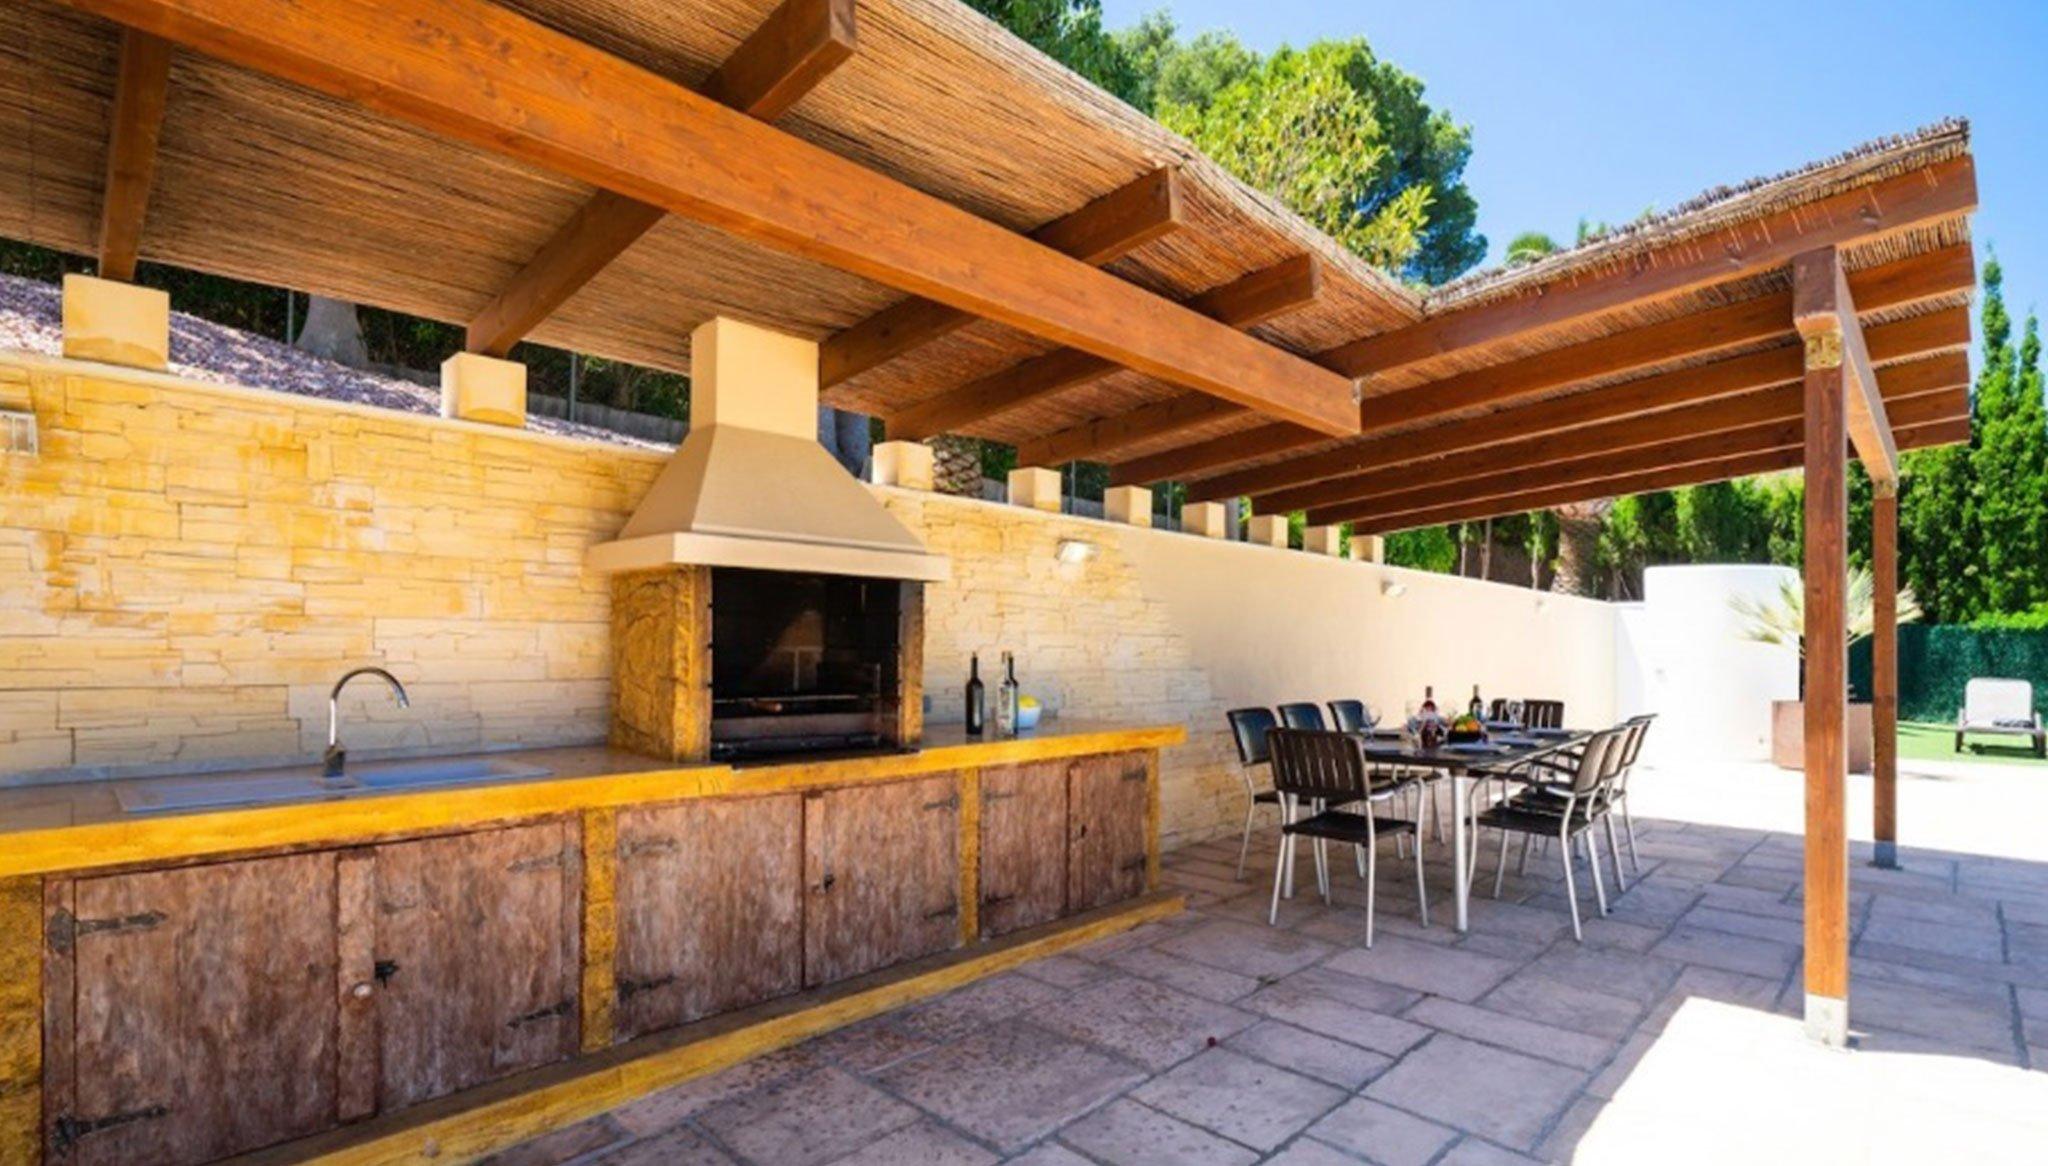 Cocina exterior en una villa de alto standing en venta en Jávea – Terramar Costa Blanca